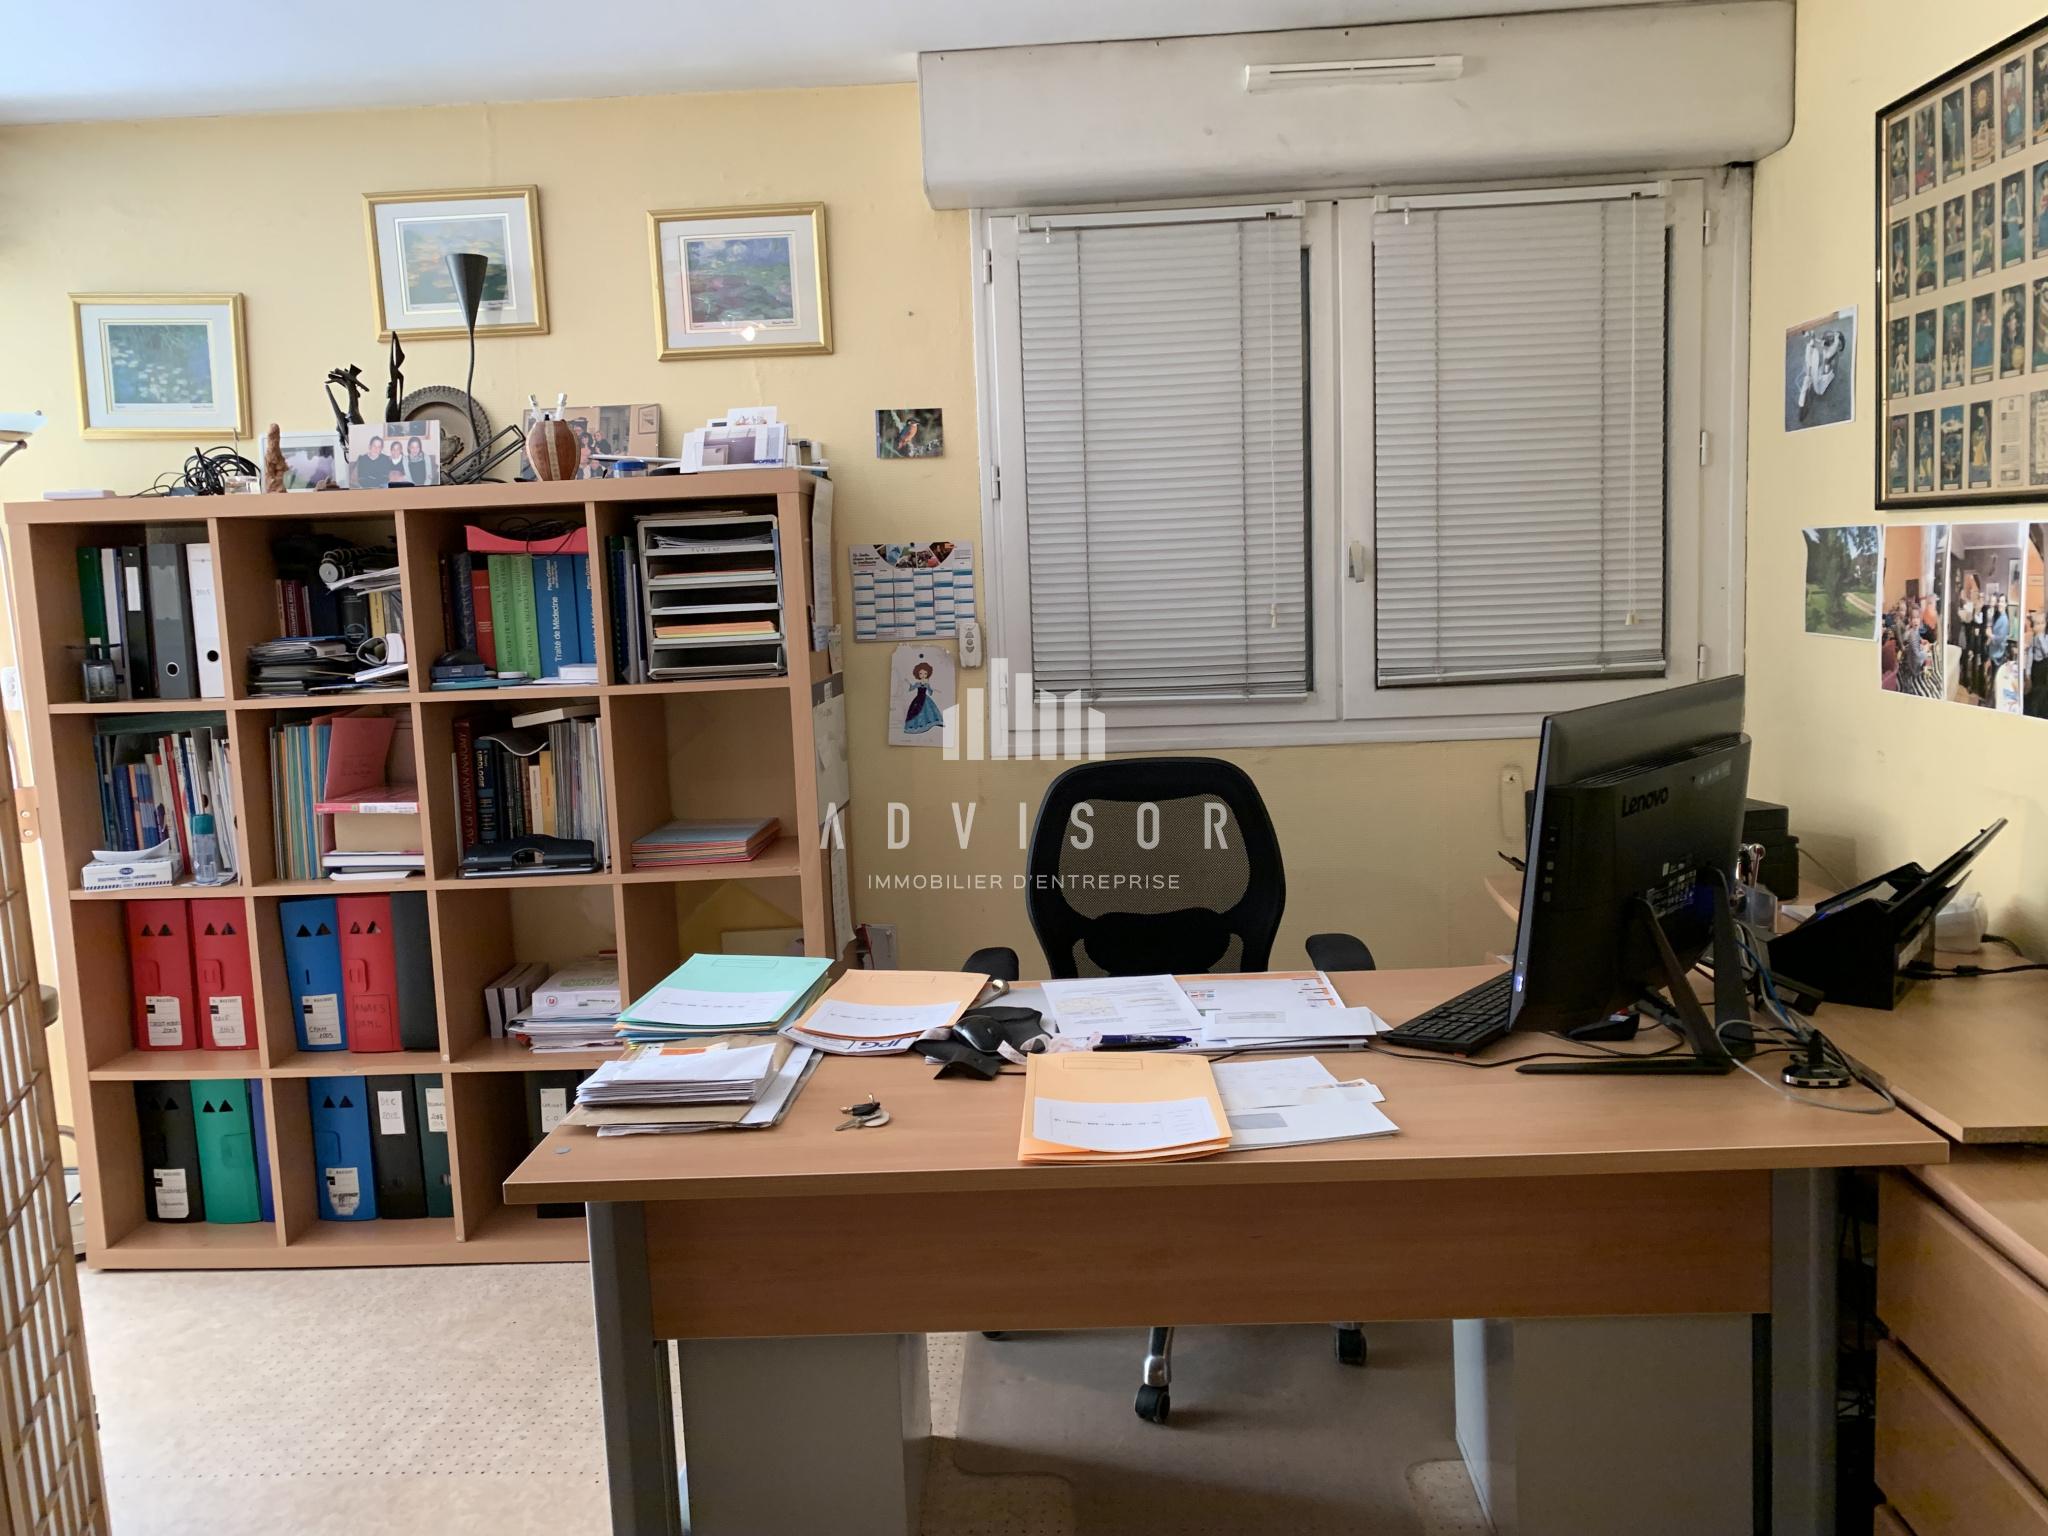 Vente immobilier professionnel bureau de m zone - Bureau de vente immobilier ...